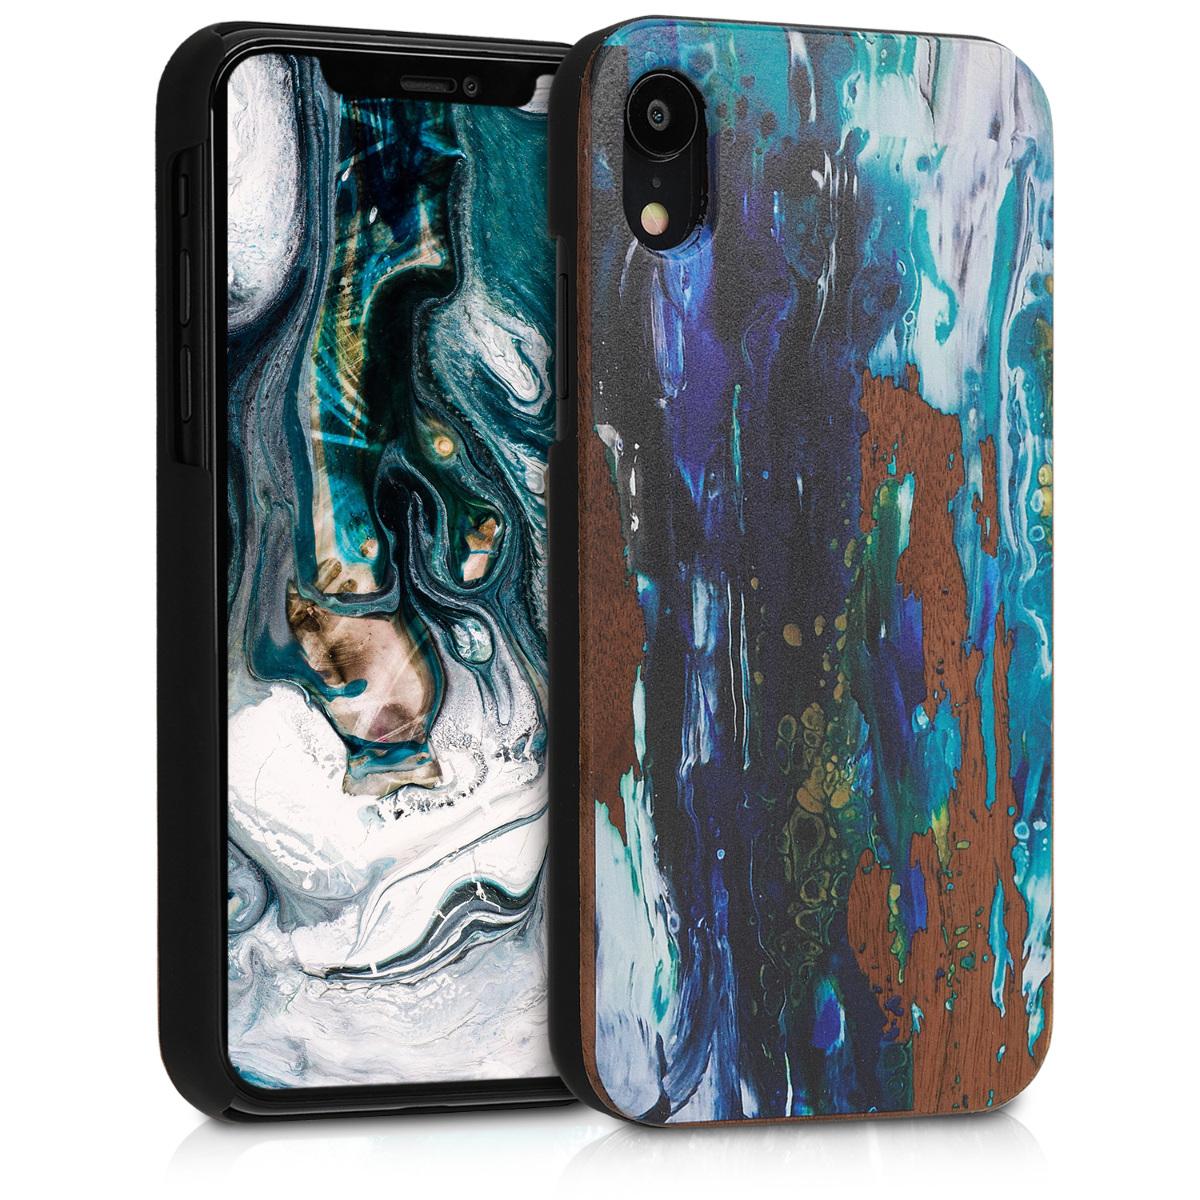 KW Σκληρή Ξύλινη Θήκη iPhone XR (46660.04)